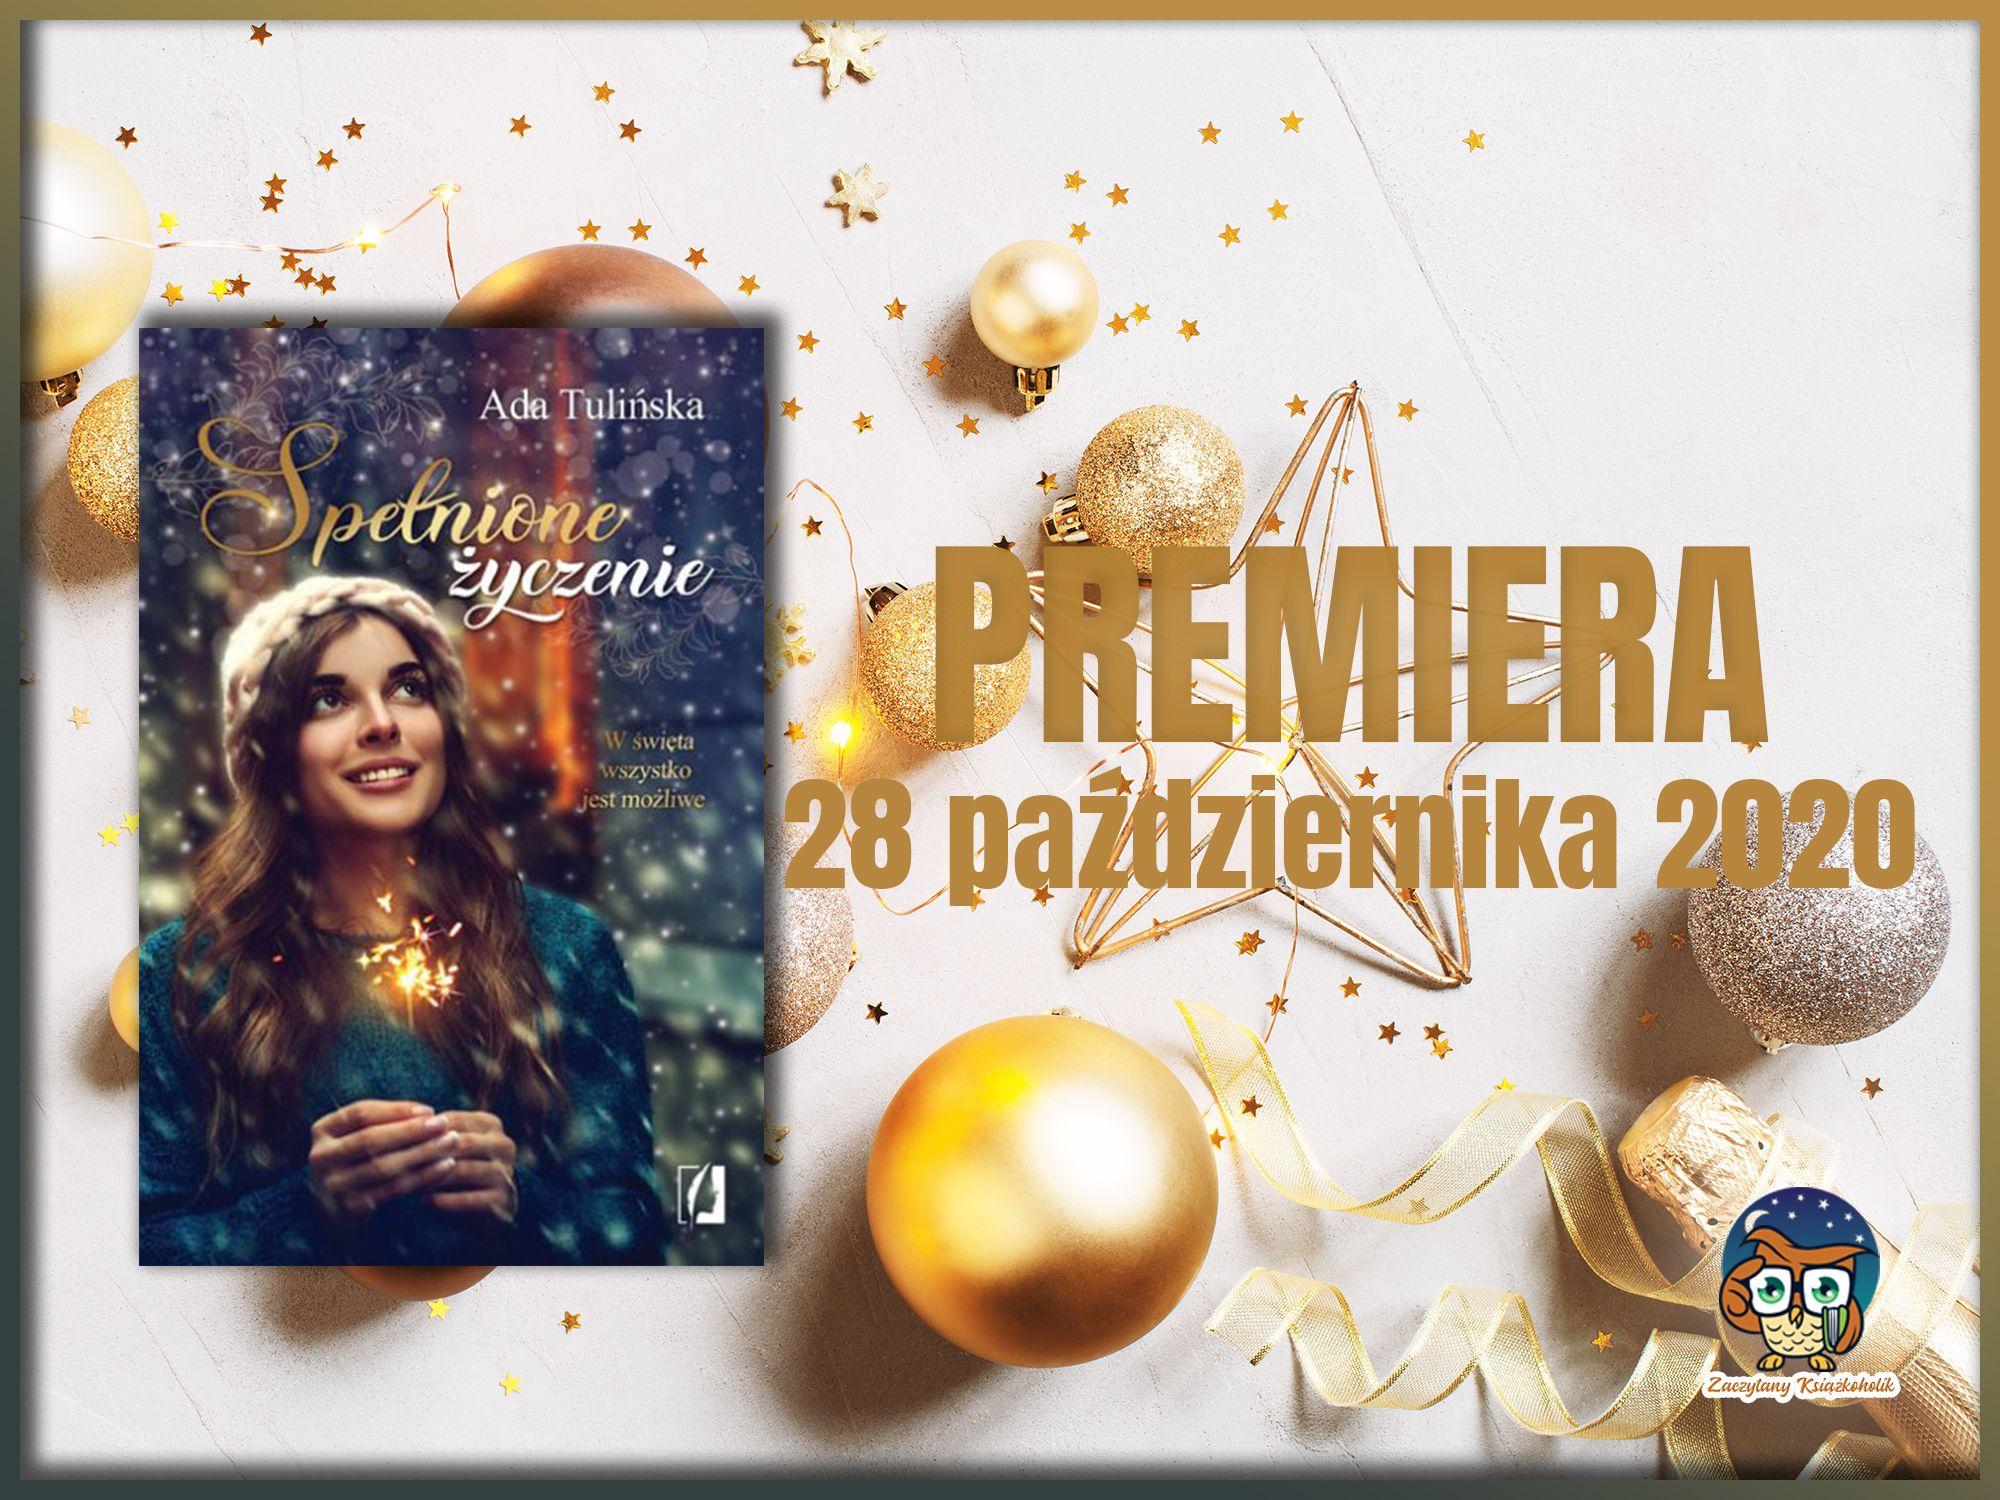 Spłenione życzenie, Ada Tulińka, zaczytanyksiazkoholik.pl